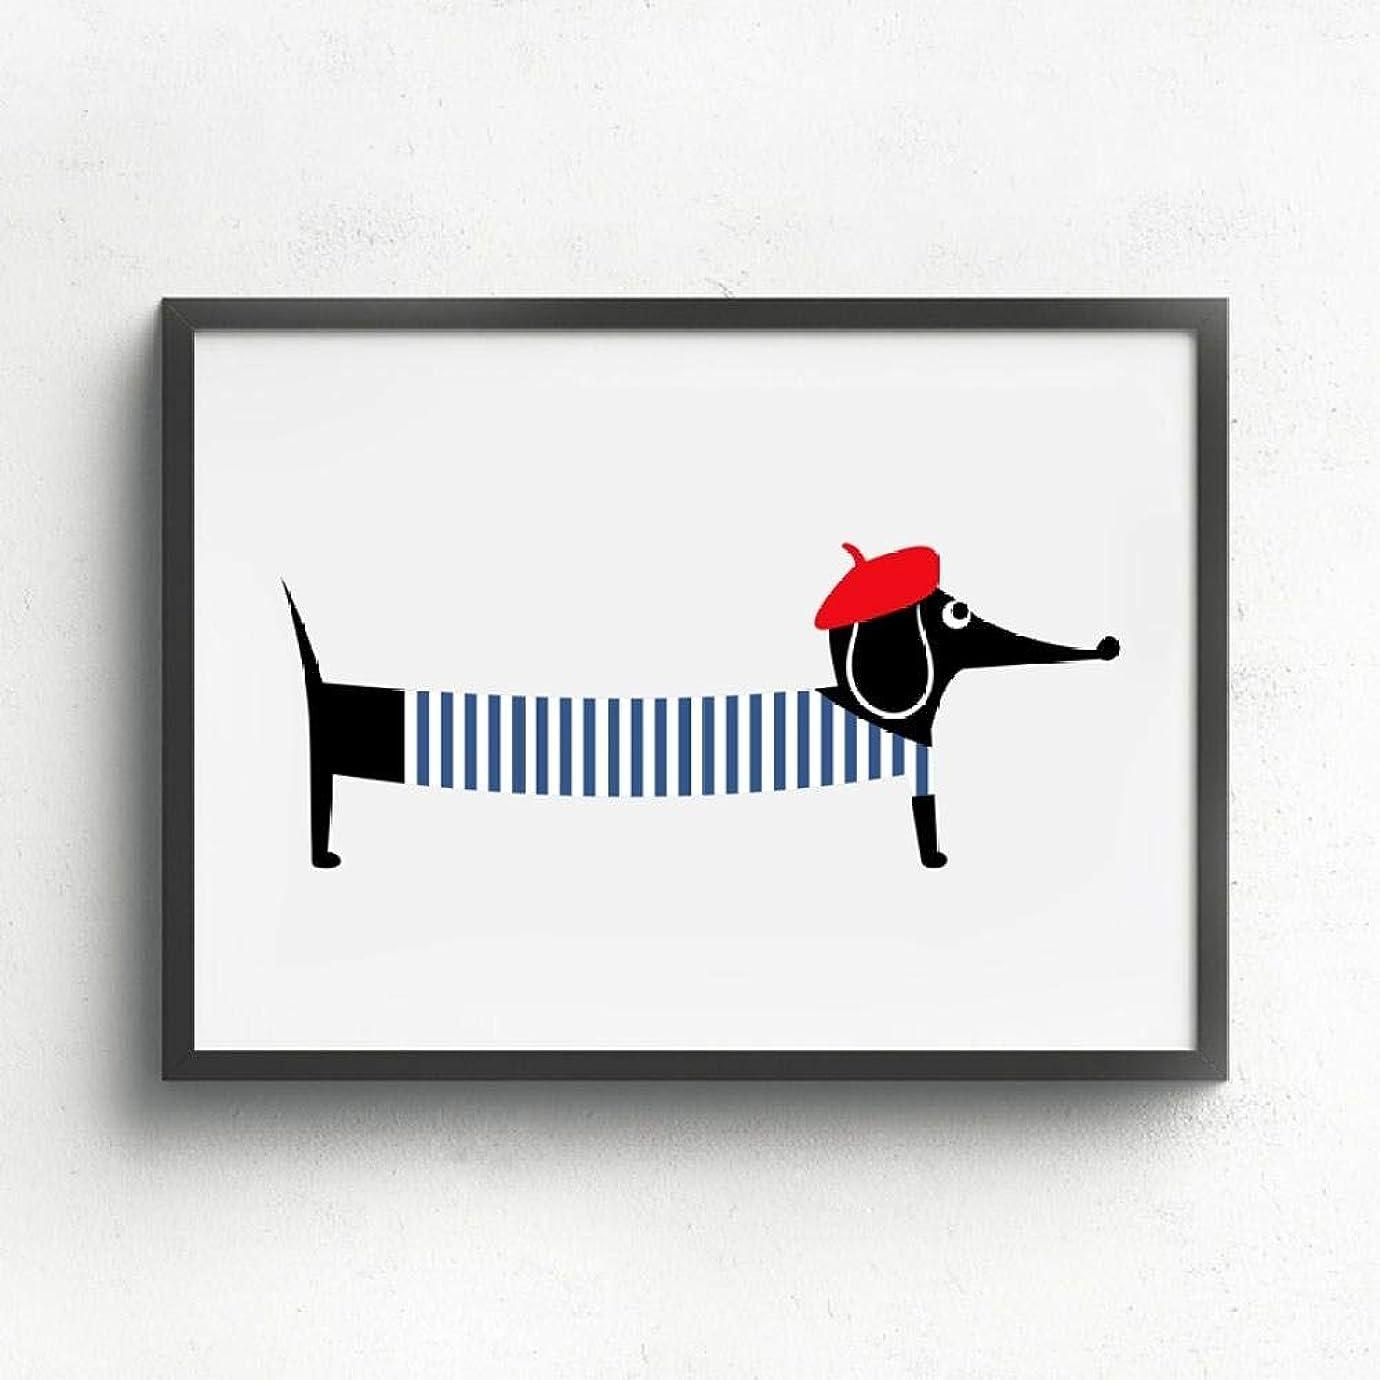 生き残ります条約百科事典フレンチスタイルの犬のアートプリントポスタープリントキャンバスにかわいい漫画スコットランドパリのダックスフントと猫のプリントキャンバス絵画ポスター家の装飾